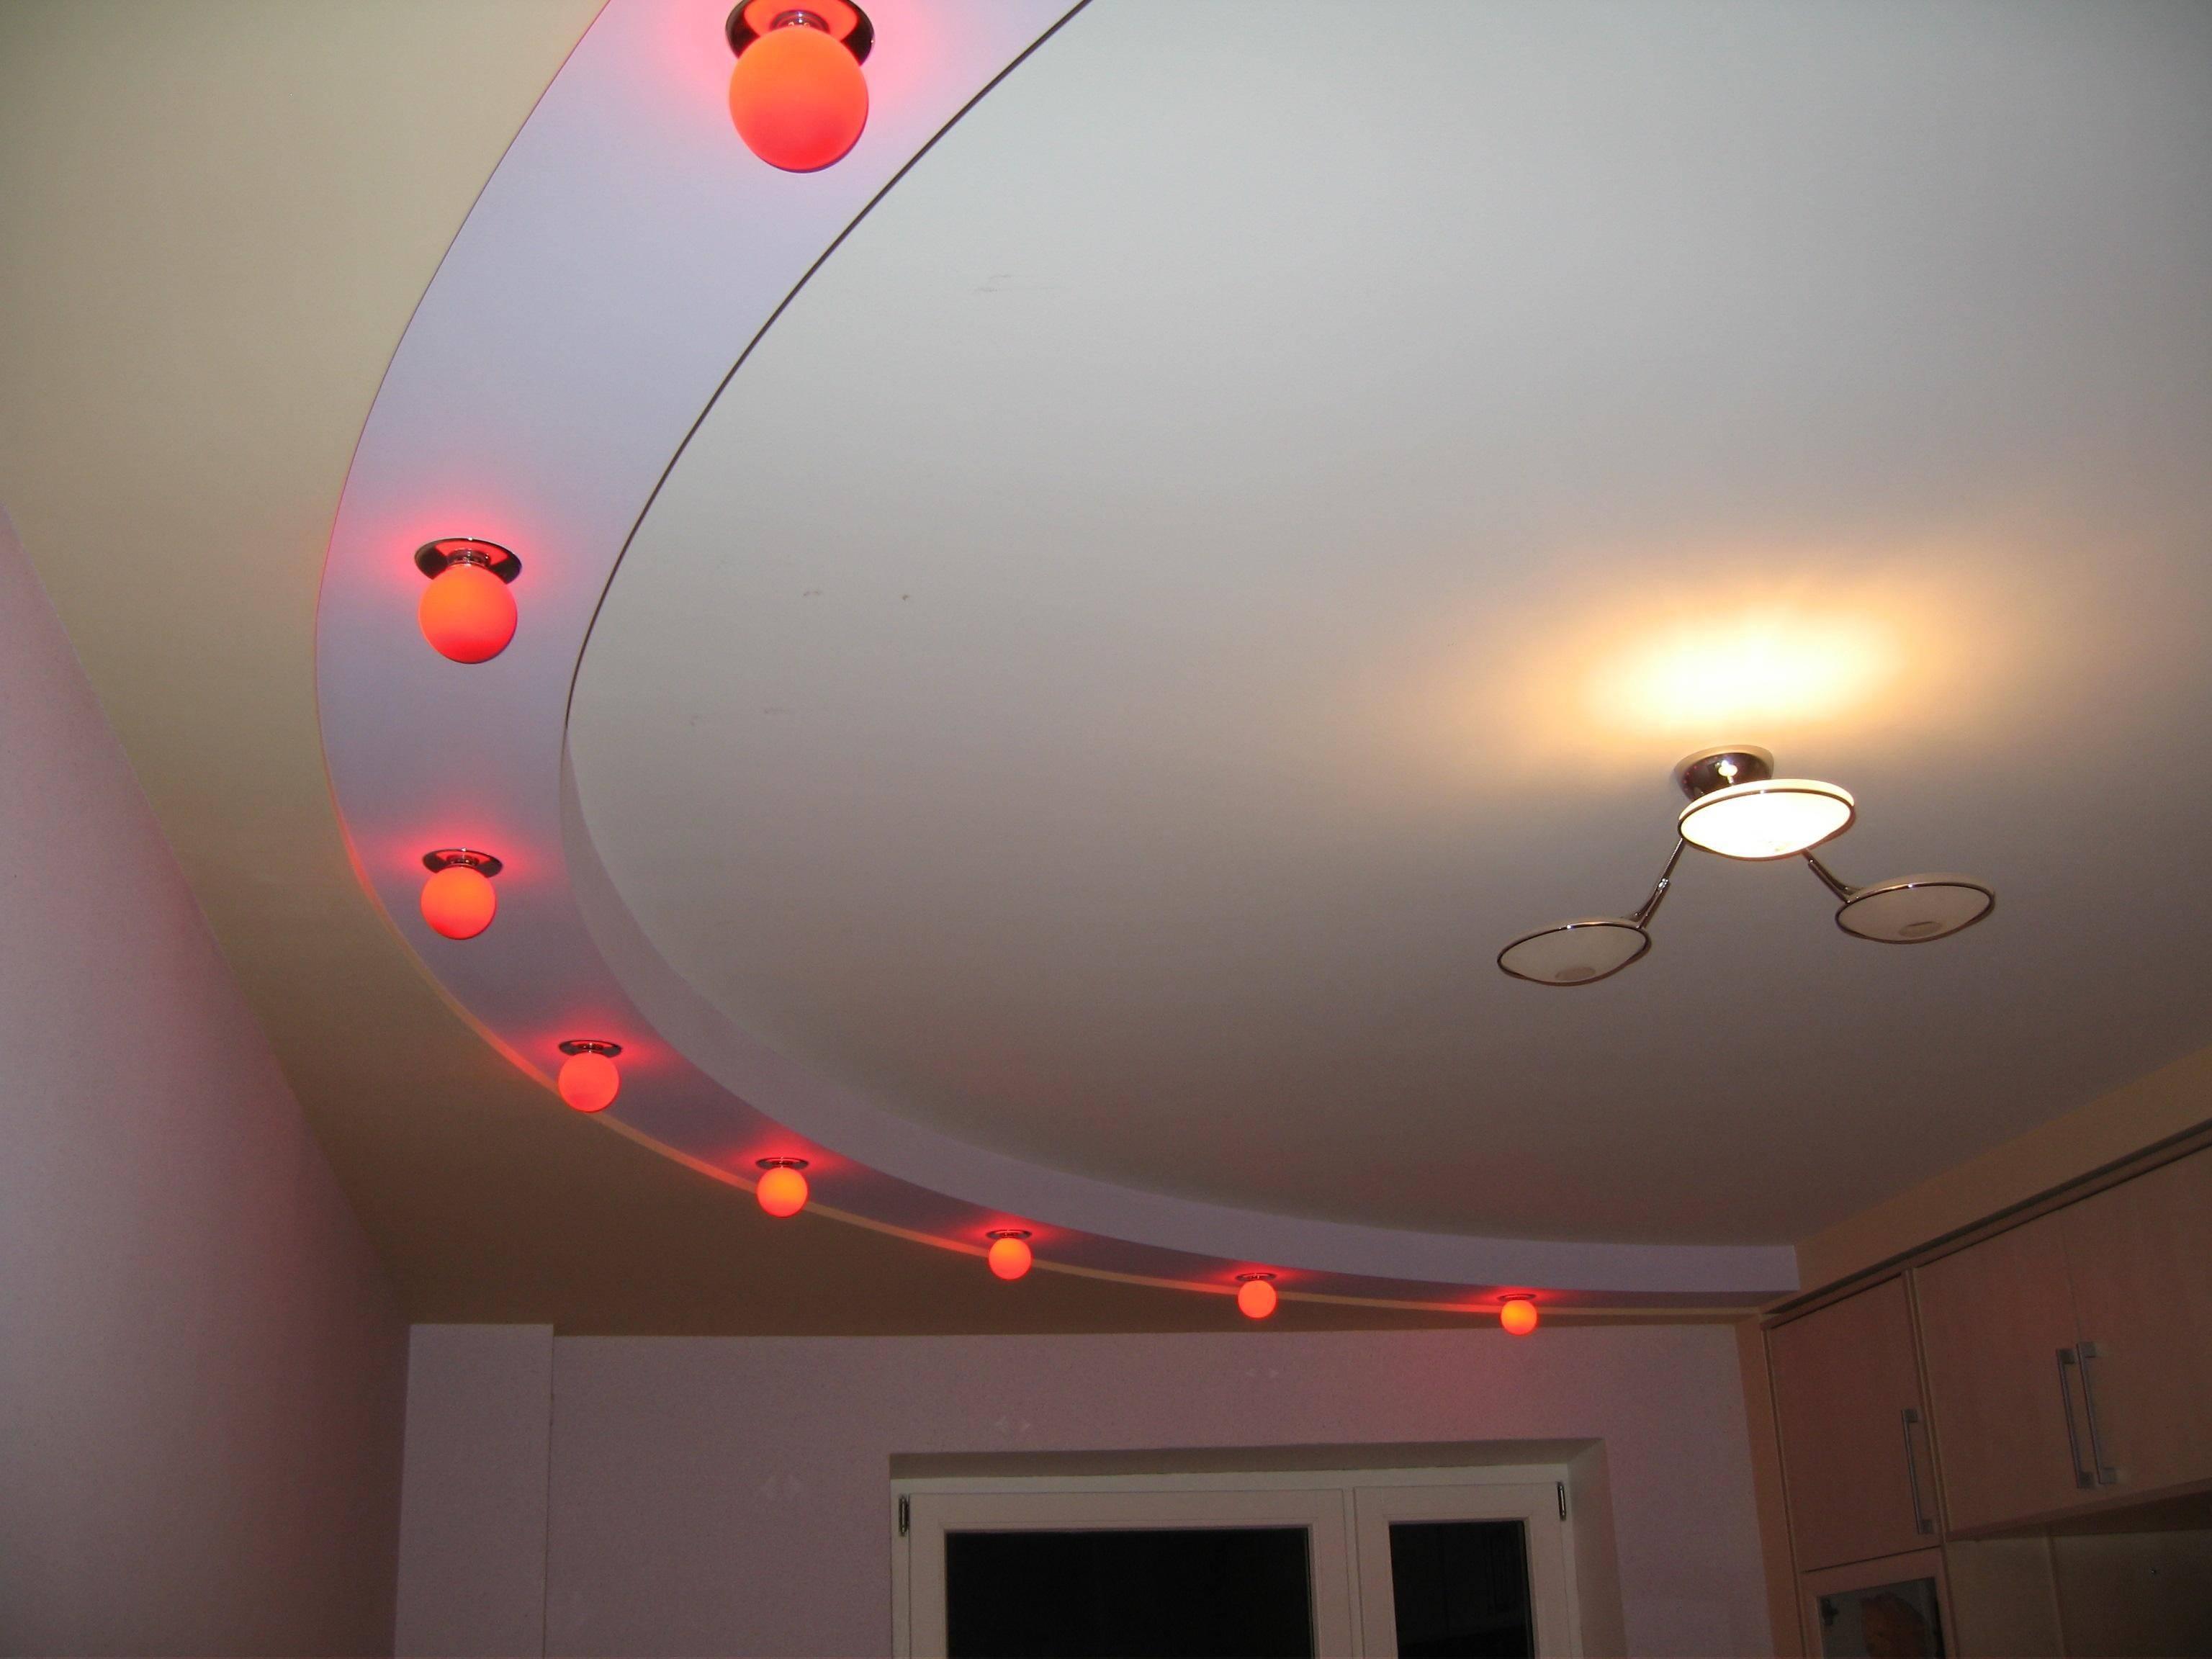 Потолок из гипсокартона в коридоре (53 фото): фигуры на потолках в прихожей. дизайн фигурных двухуровневых потолков с подсветкой